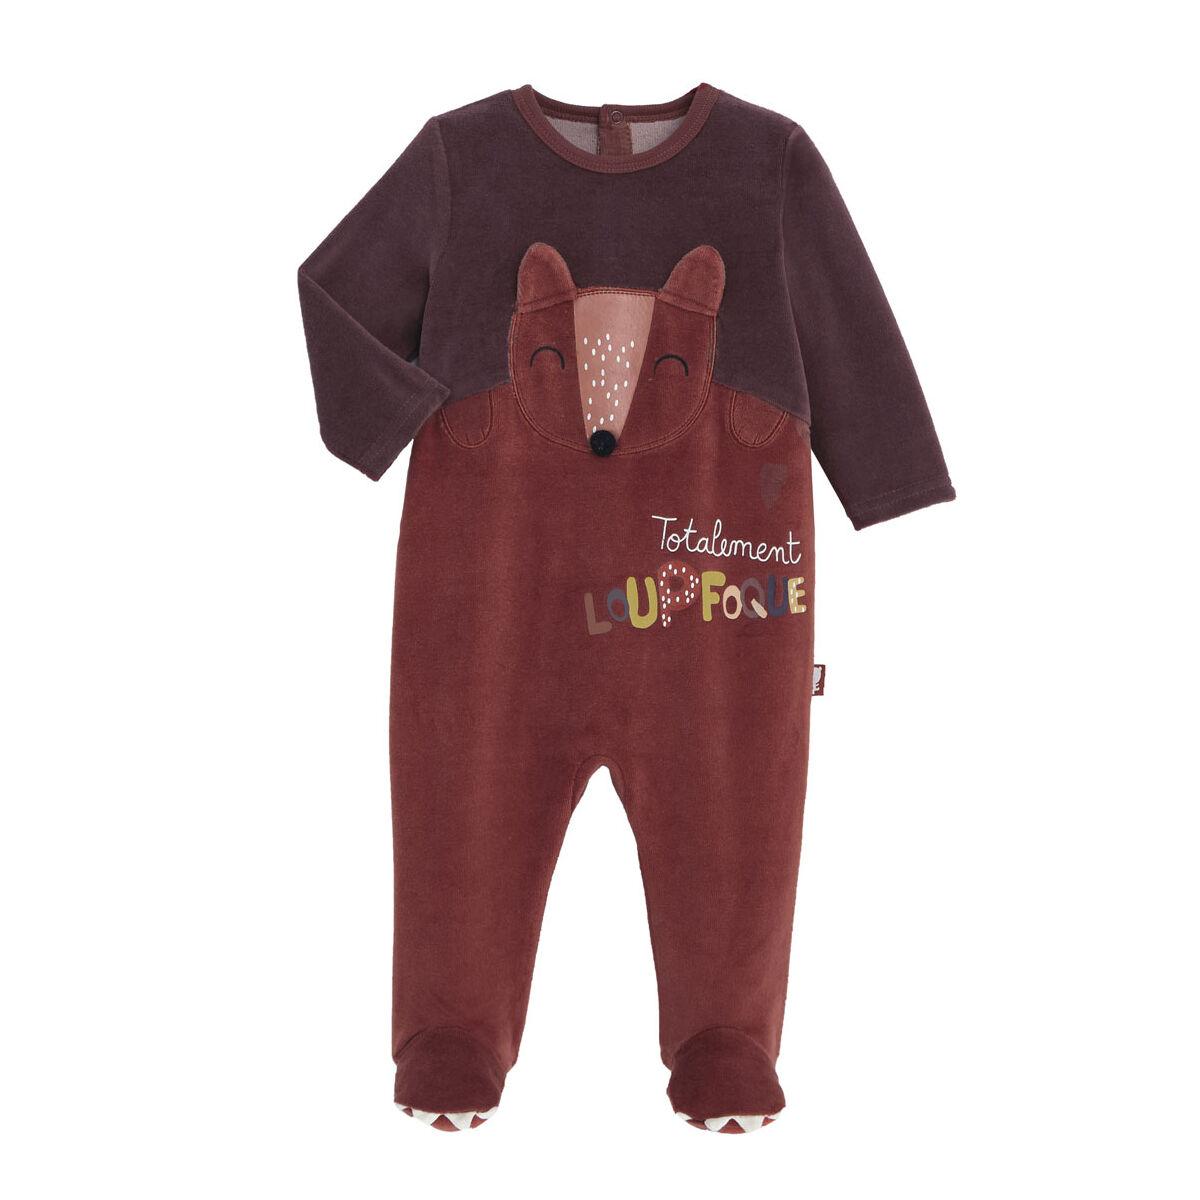 Petit Béguin Pyjama bébé en velours contenant du coton bio Loupfoque - Taille - 3 mois